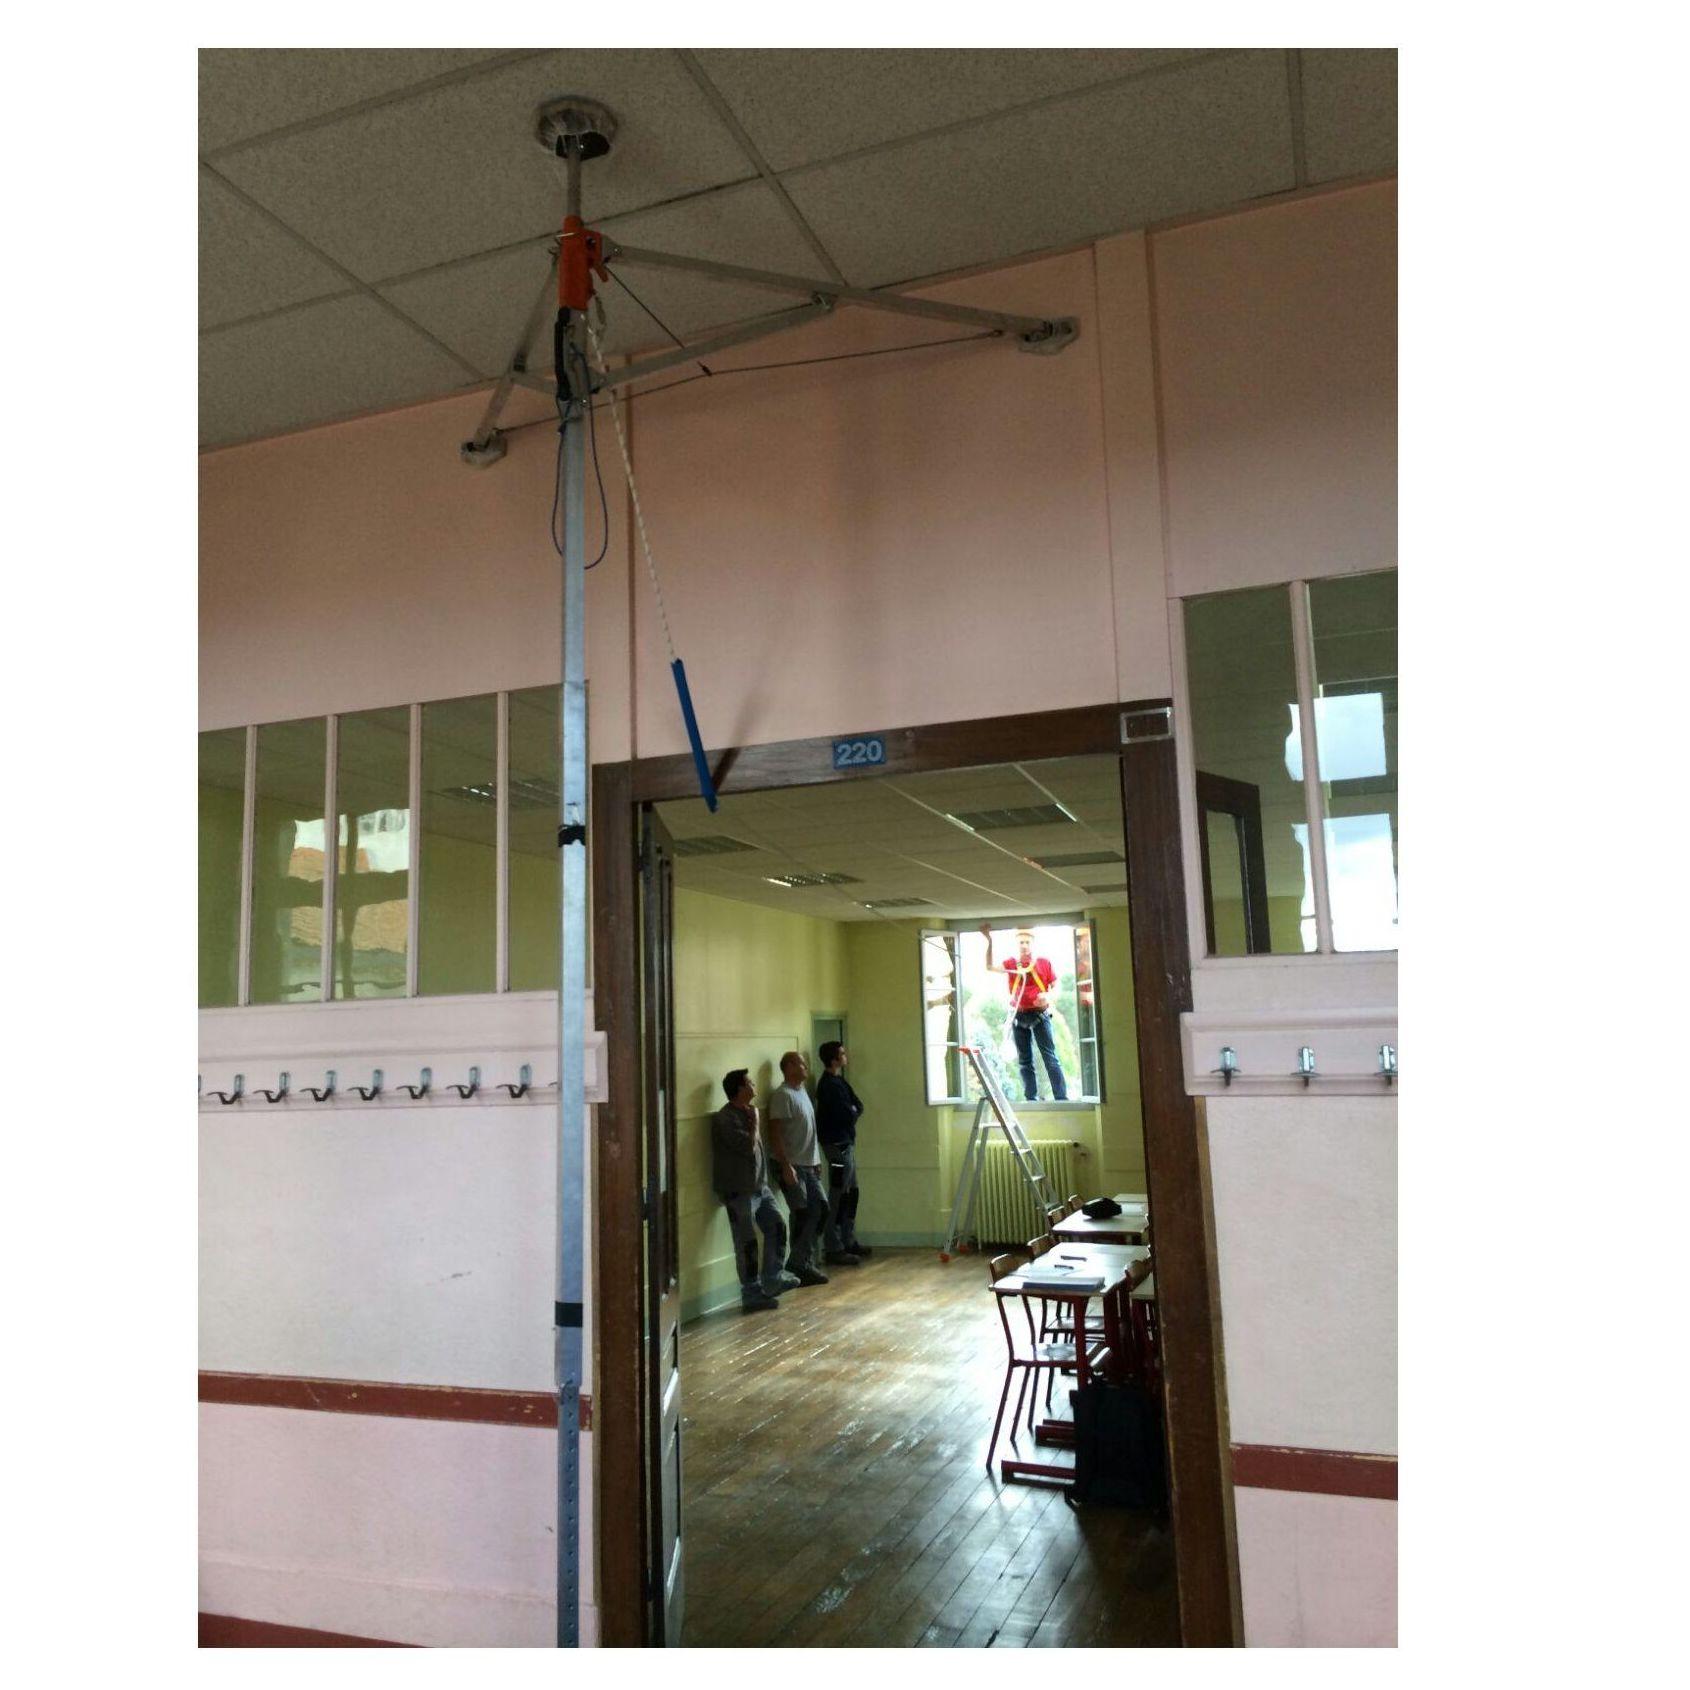 El SYAM: ¡No ejerce presión en el techo!